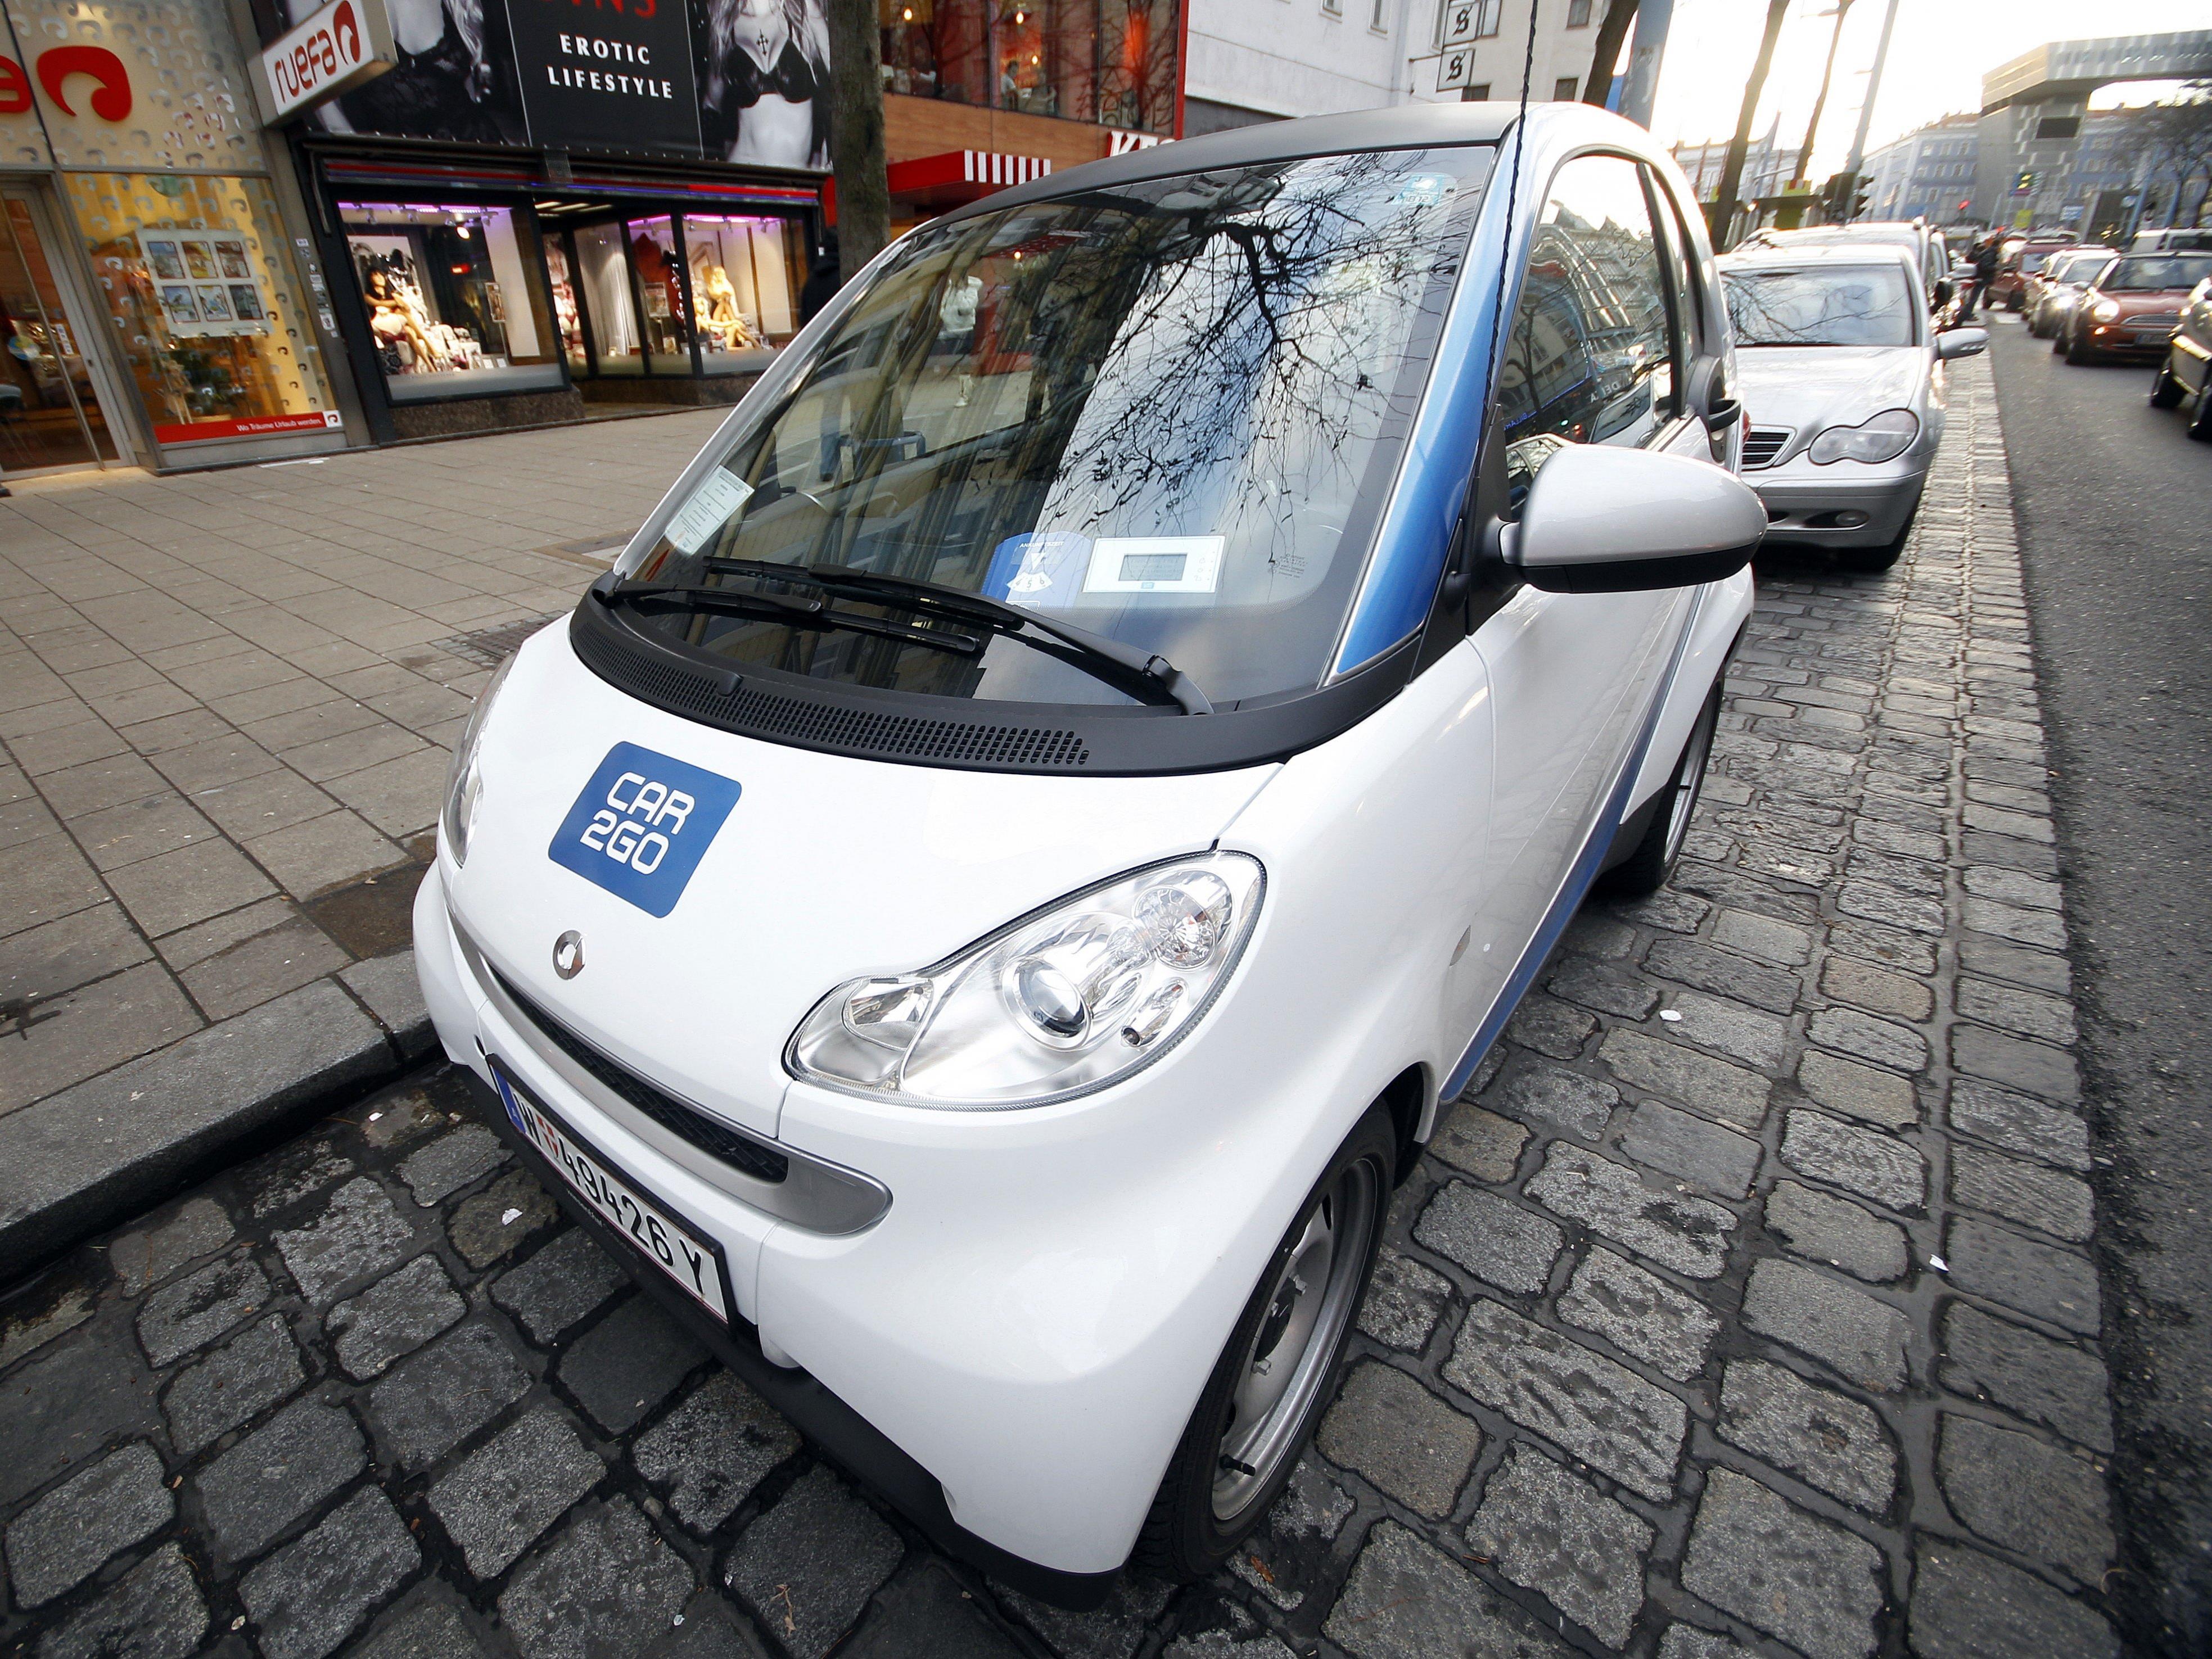 Alternativem zum eigenen Auto in der Großstadt.